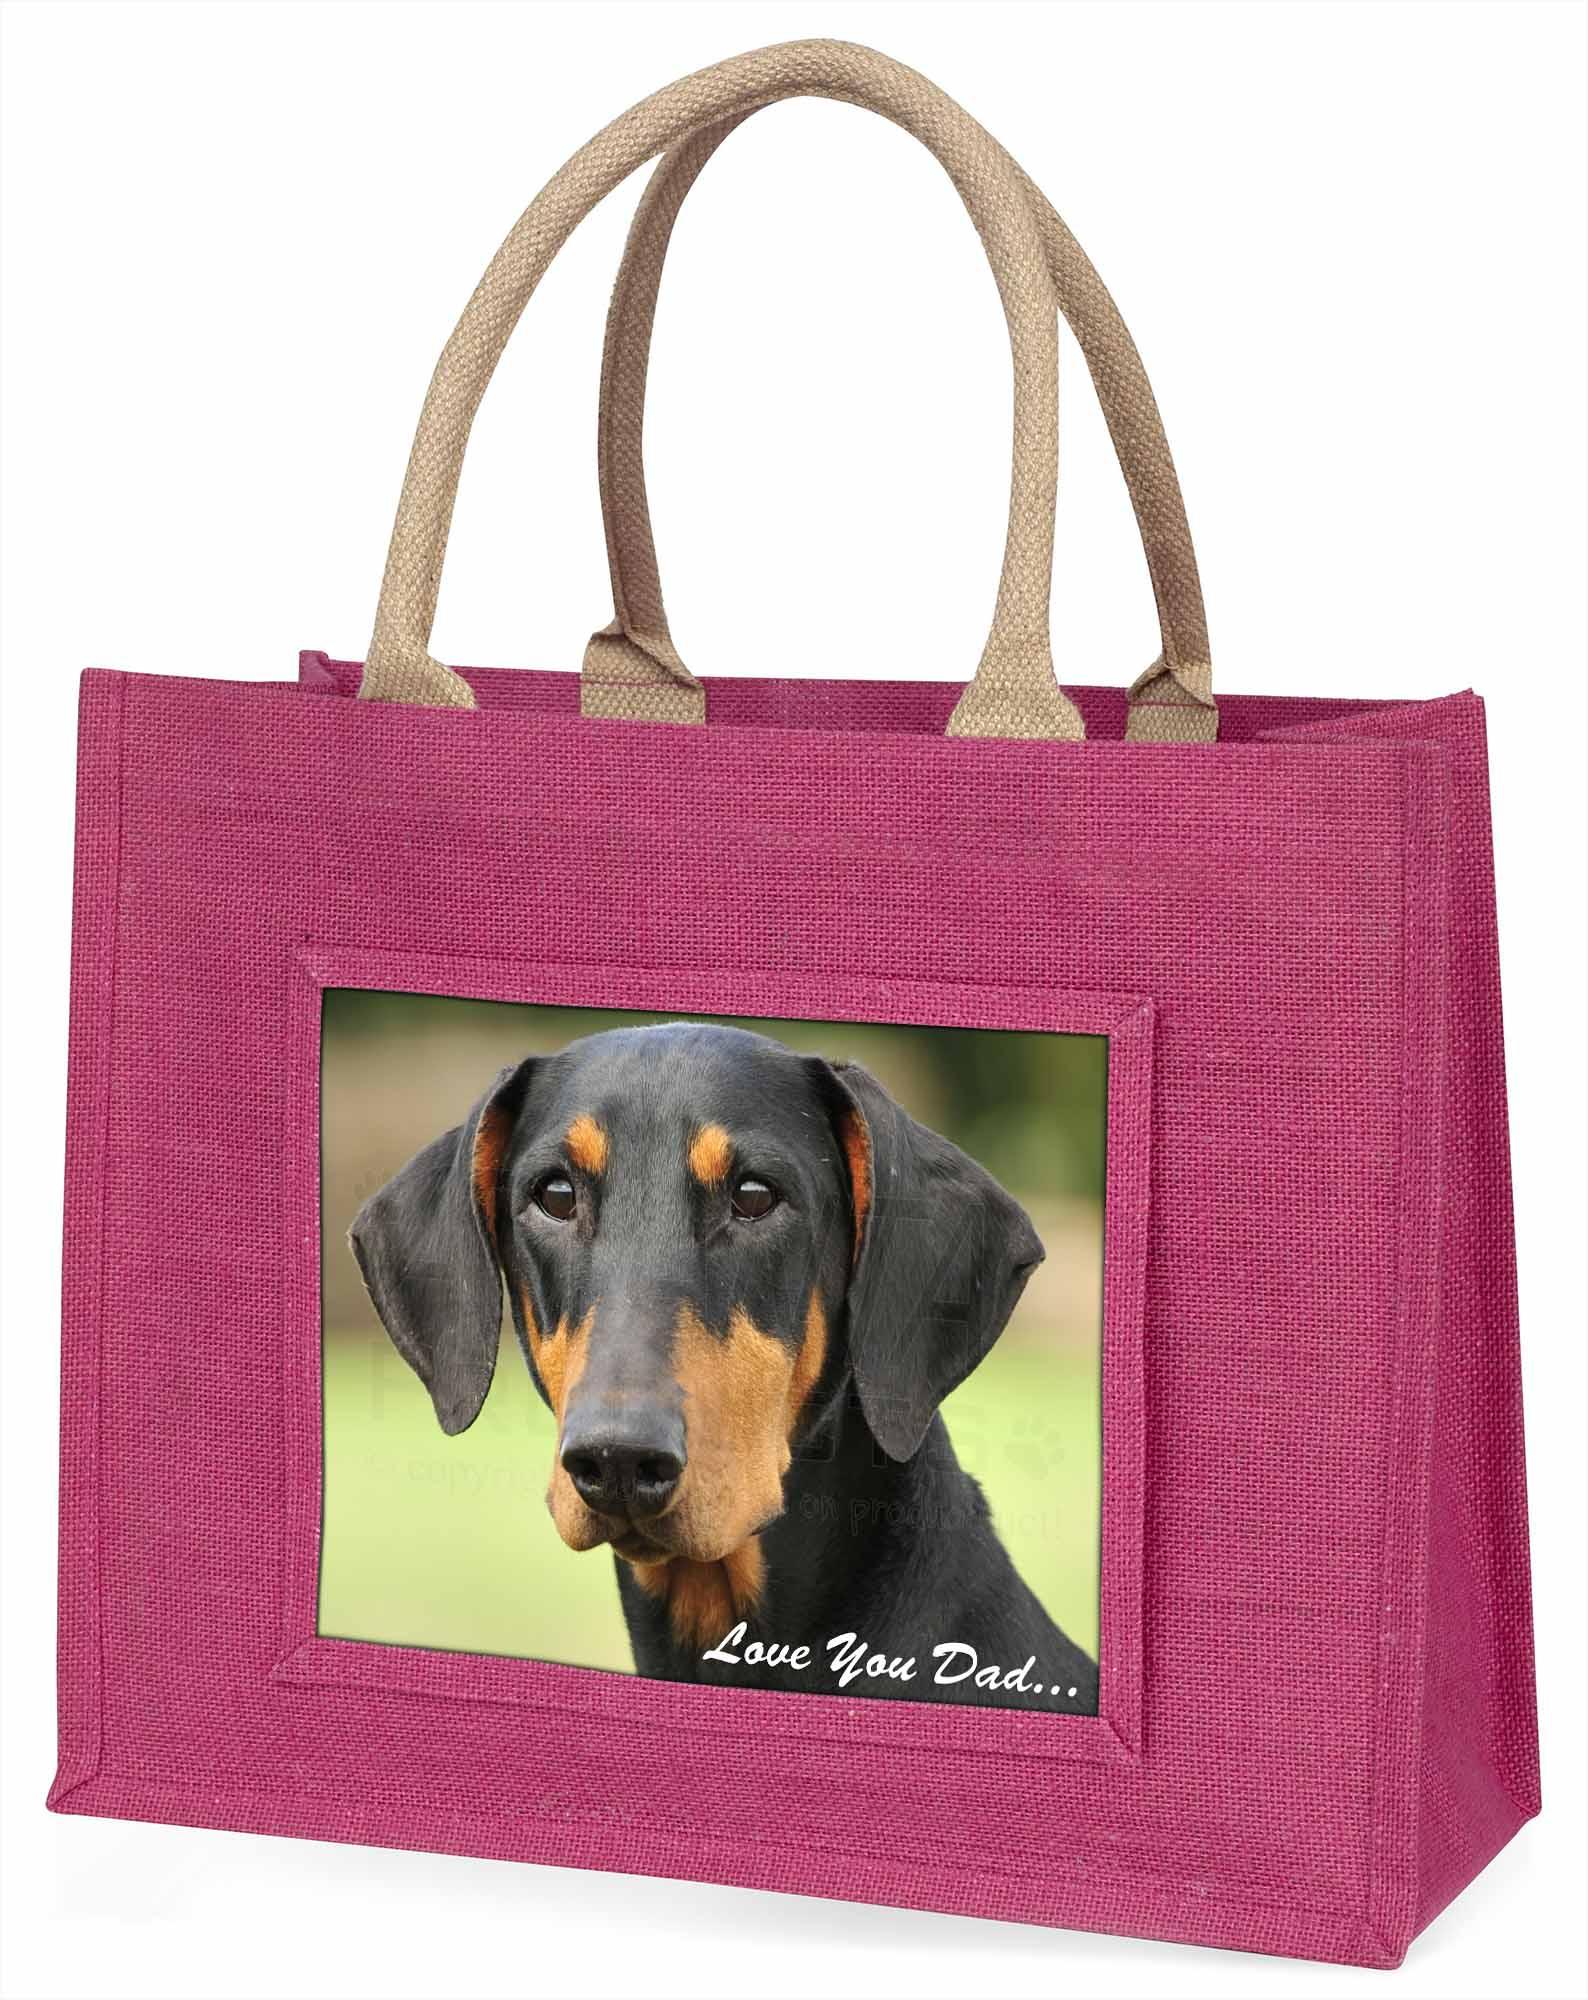 Dobermann Pinscher' liebe Dich Papa' große rosa Einkaufstasche WEIHNACHTEN PR,